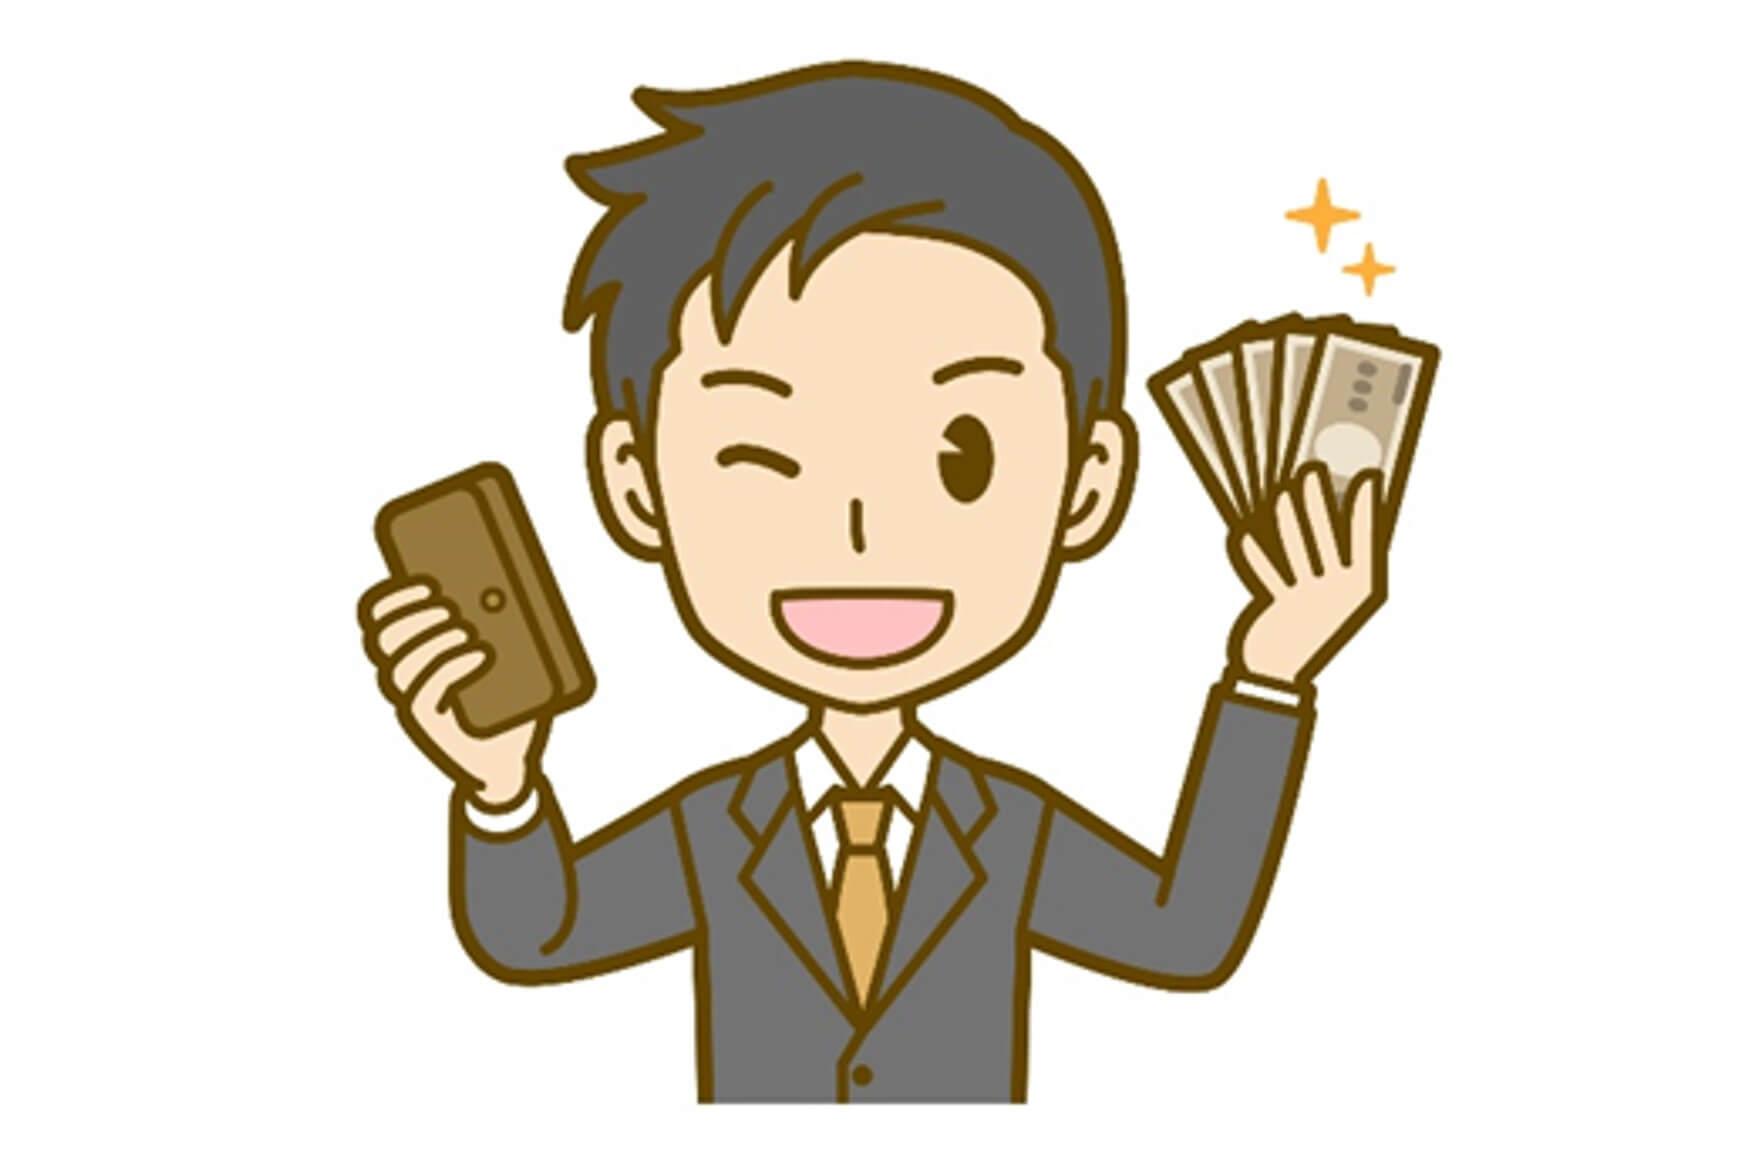 金銭教育3つのポイント~子どもの稼ぎ力をUPさせよう~